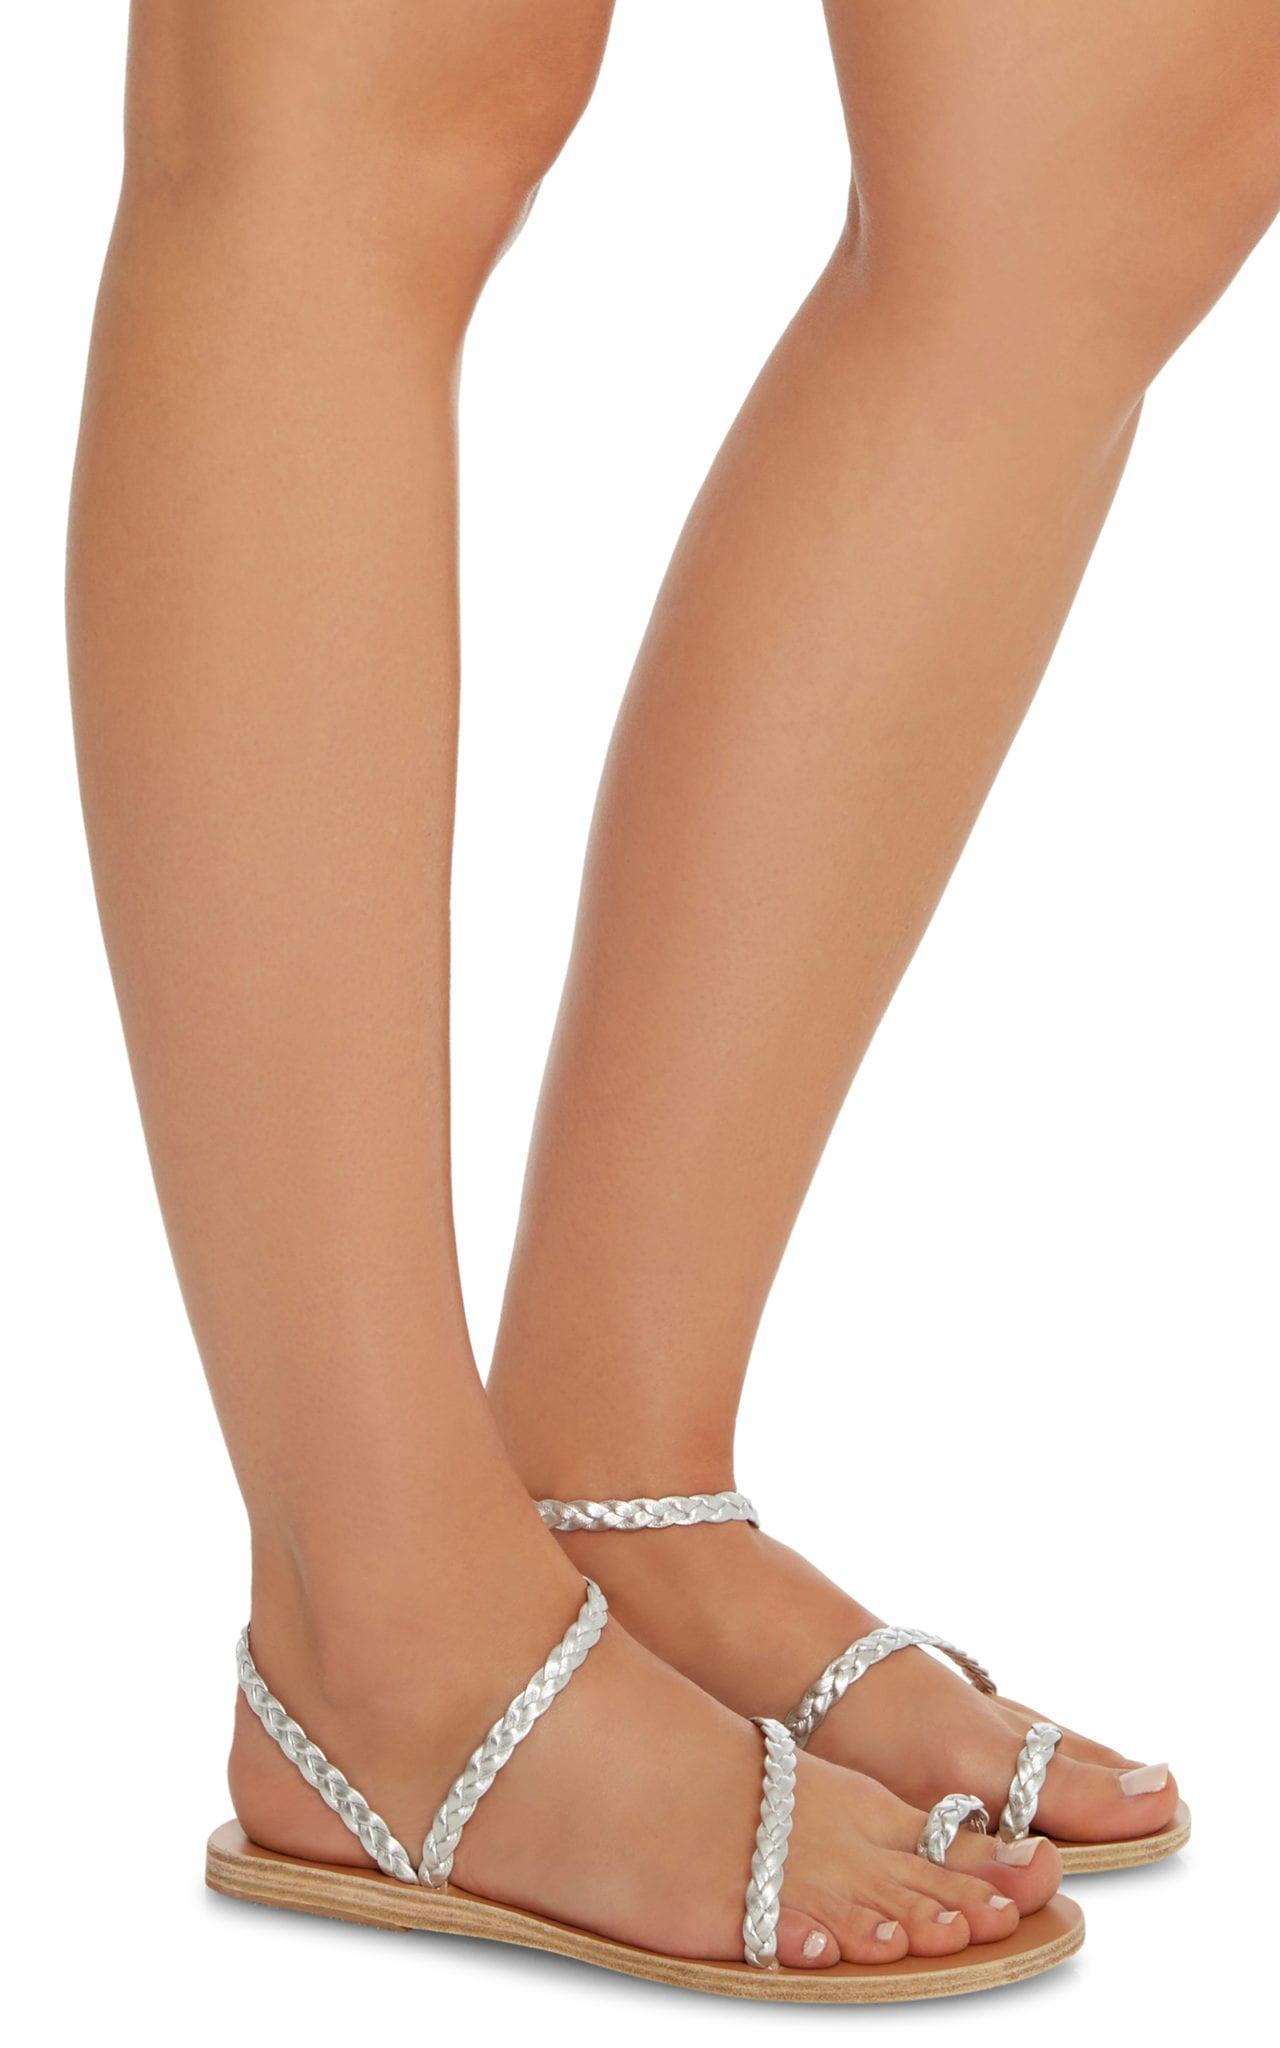 Les 4 Posséder À Styles De Plates Sandales Bien Habillée 8n0OwPk